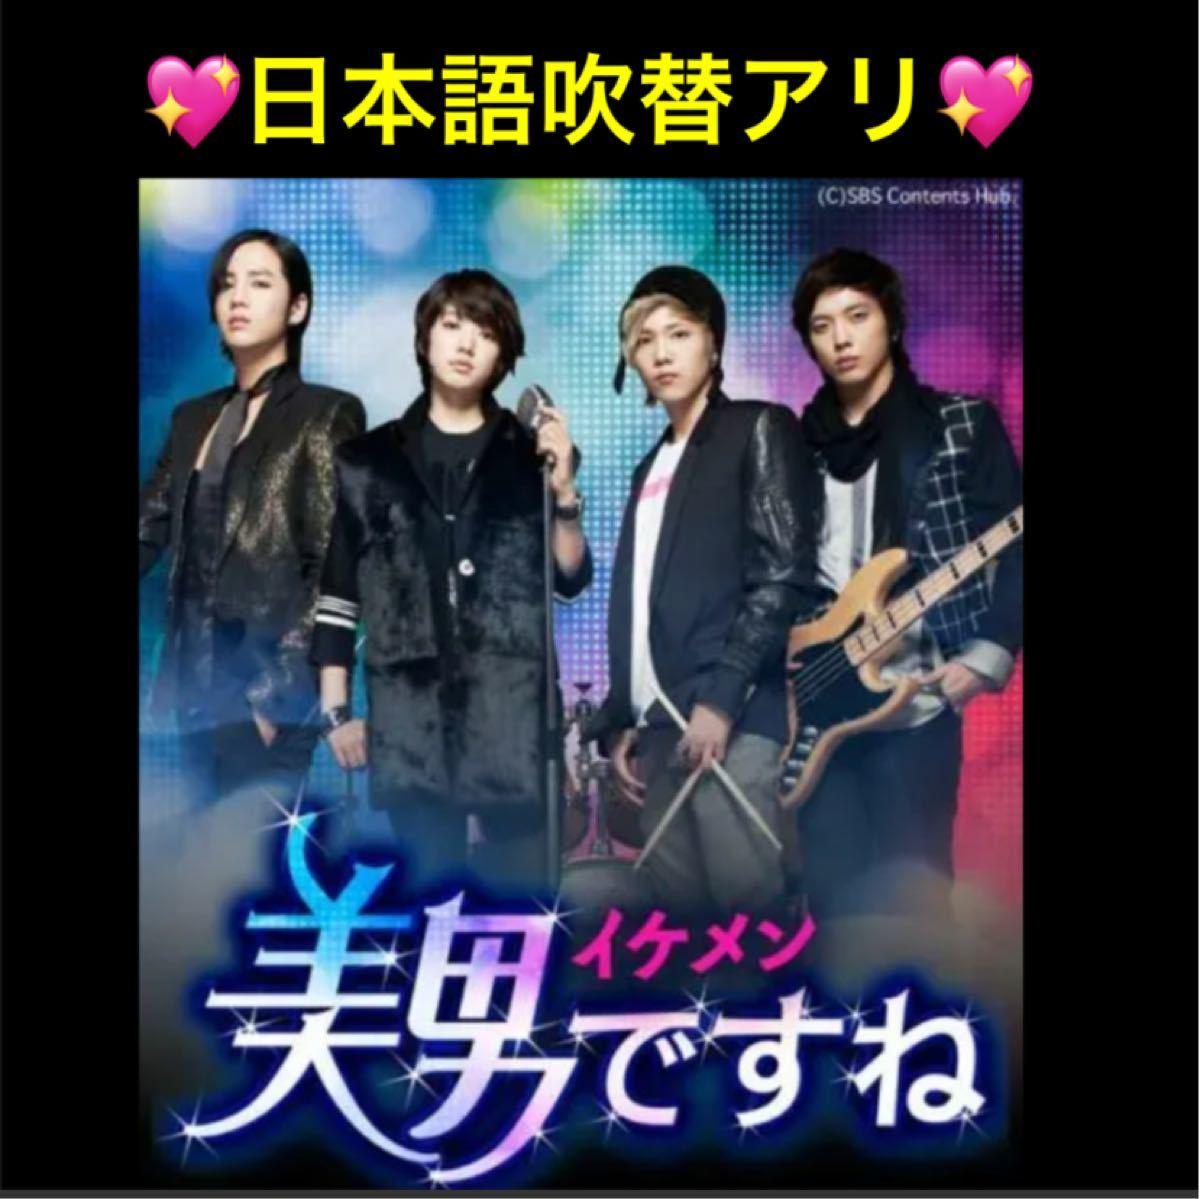 ※お値下げしました※ ★韓国ドラマ★『美男イケメンですね』日本語吹替付 DVD 全話